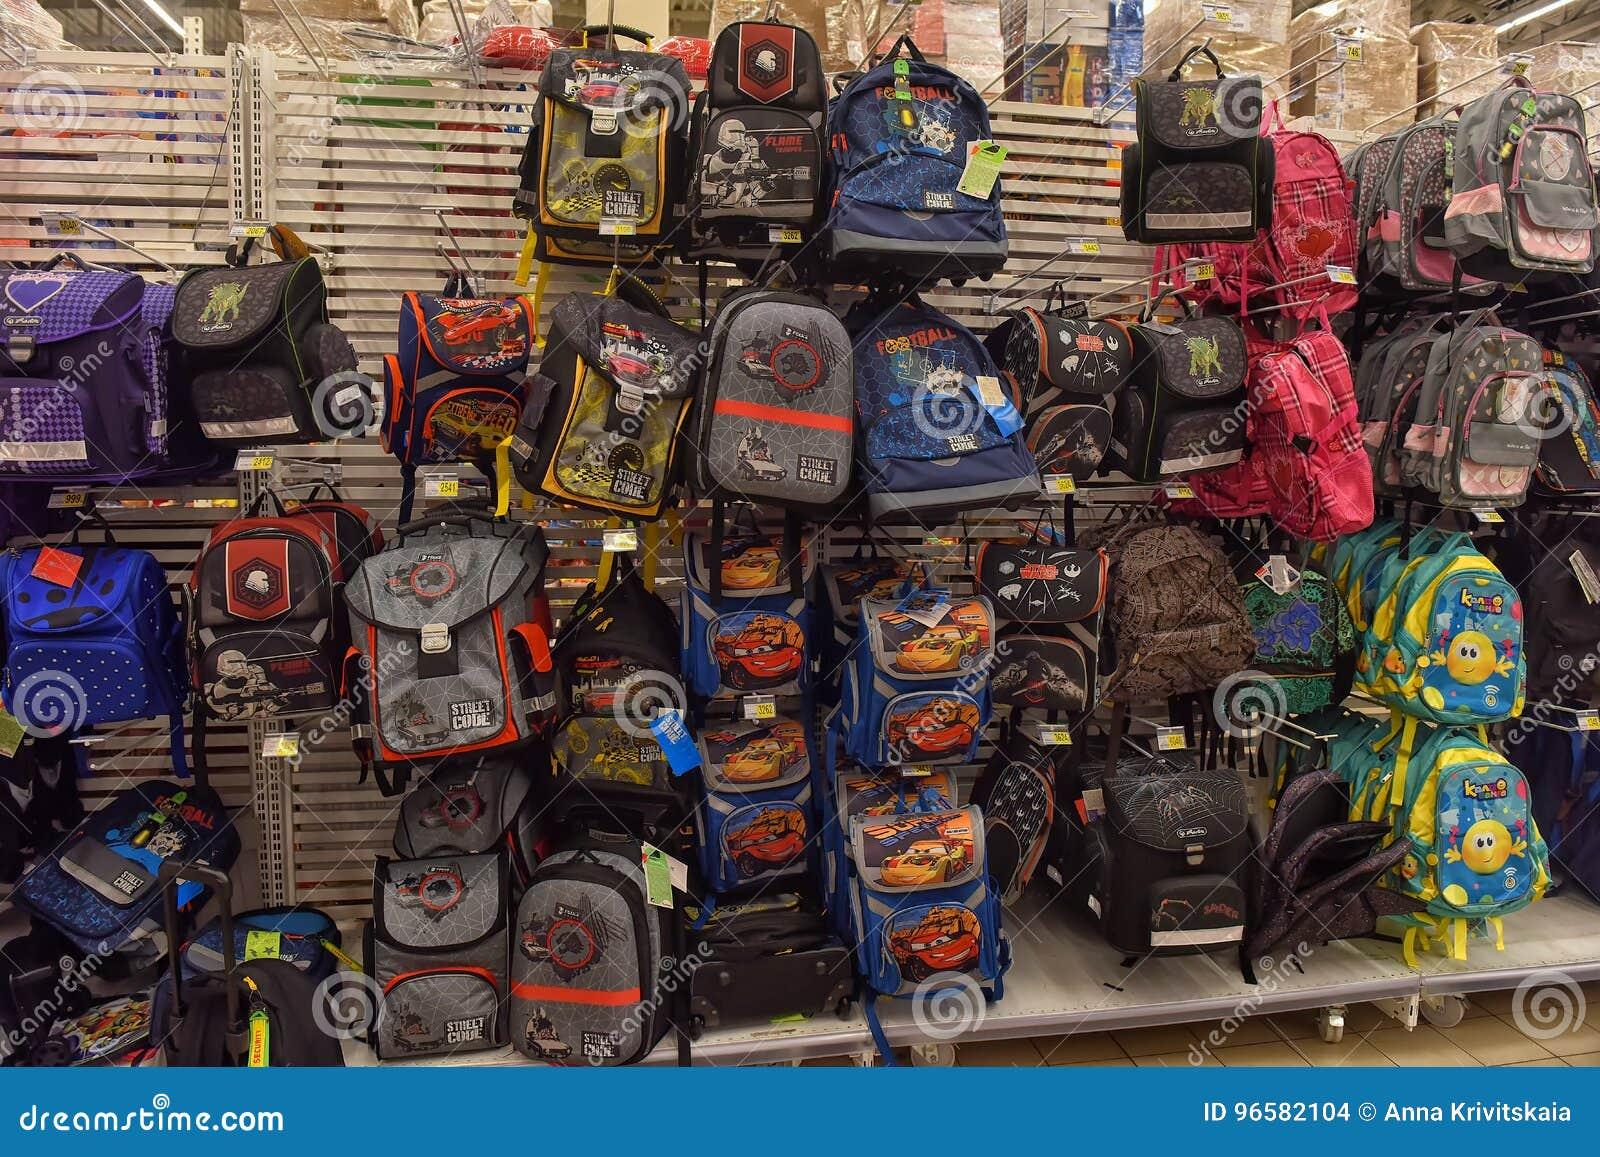 f3be4fa845b Ρωσία, η Αγία Πετρούπολη, 22.07.2017 σχολικά σακίδια πλάτης στο κατάστημα